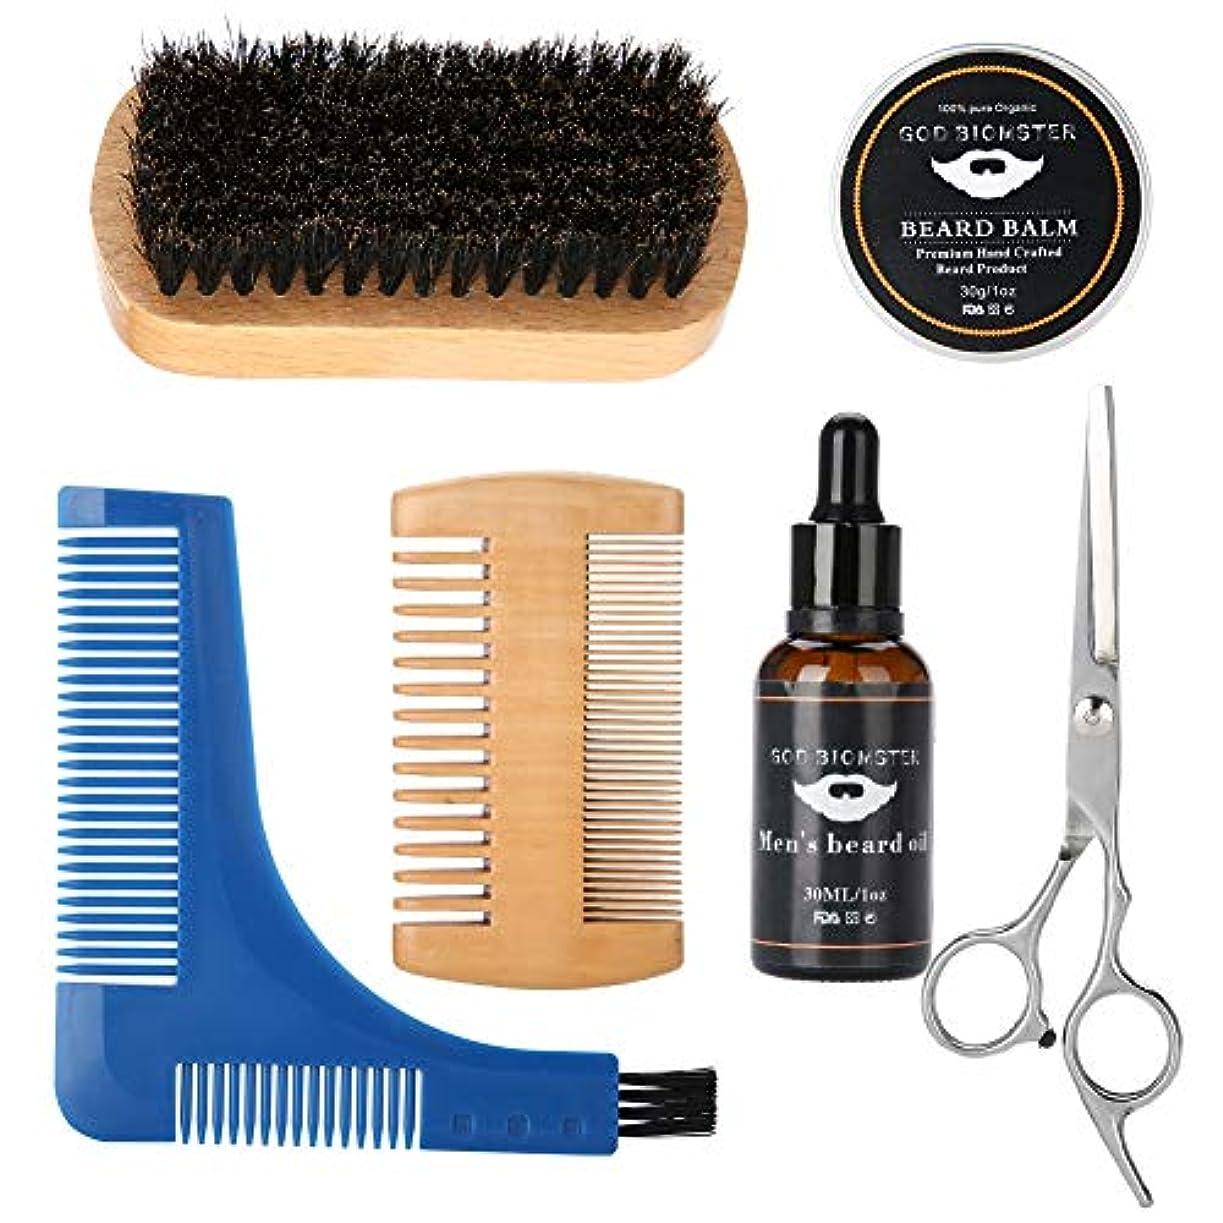 昆虫めまいが窒息させる男性のひげセット、木材製+クリスタル素材ポータブルブラシひげシェービングクリーニングツール用男性ひげ剃り